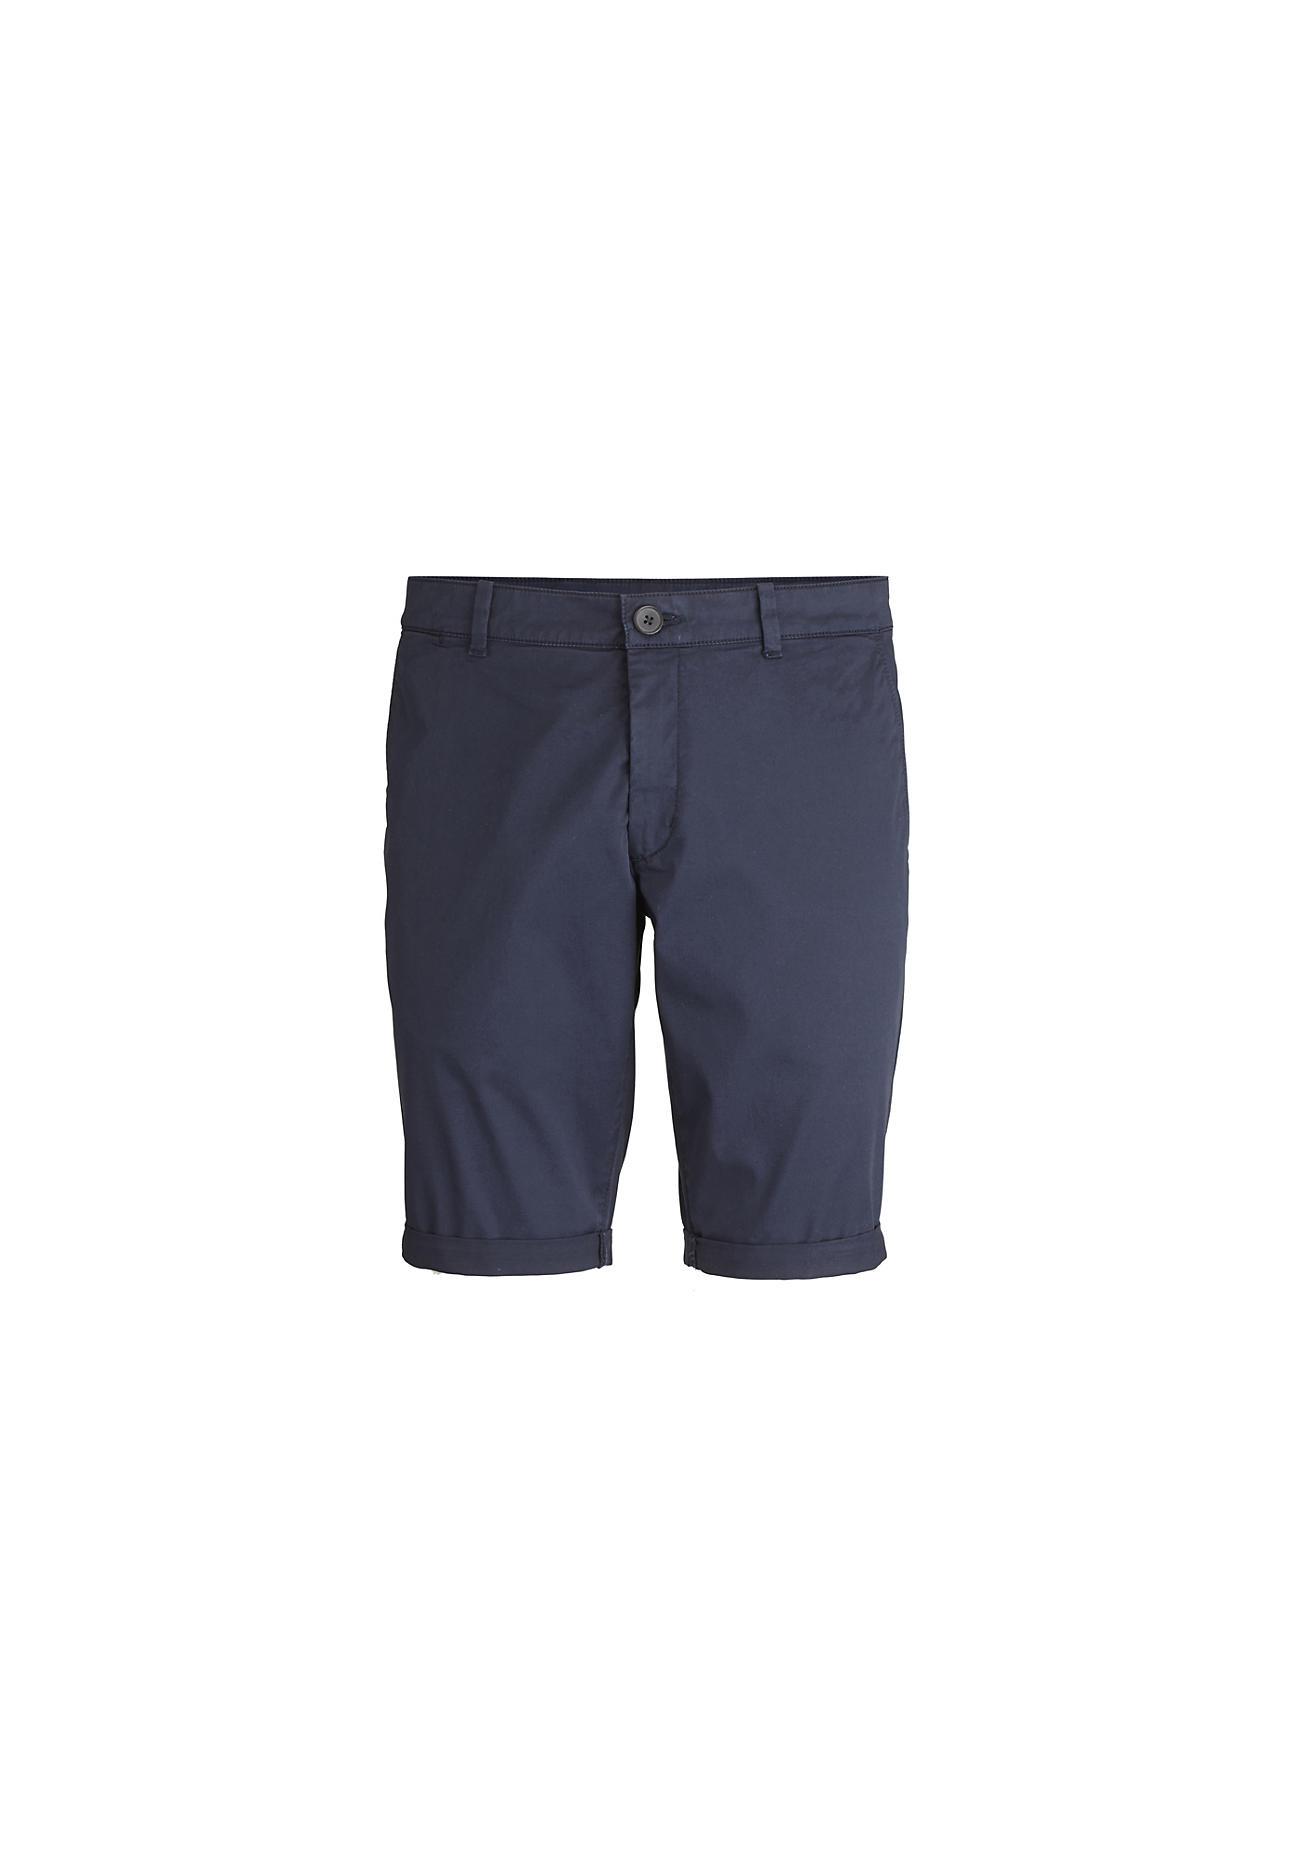 hessnatur Herren Bermuda aus Bio-Baumwolle – blau – Größe 46